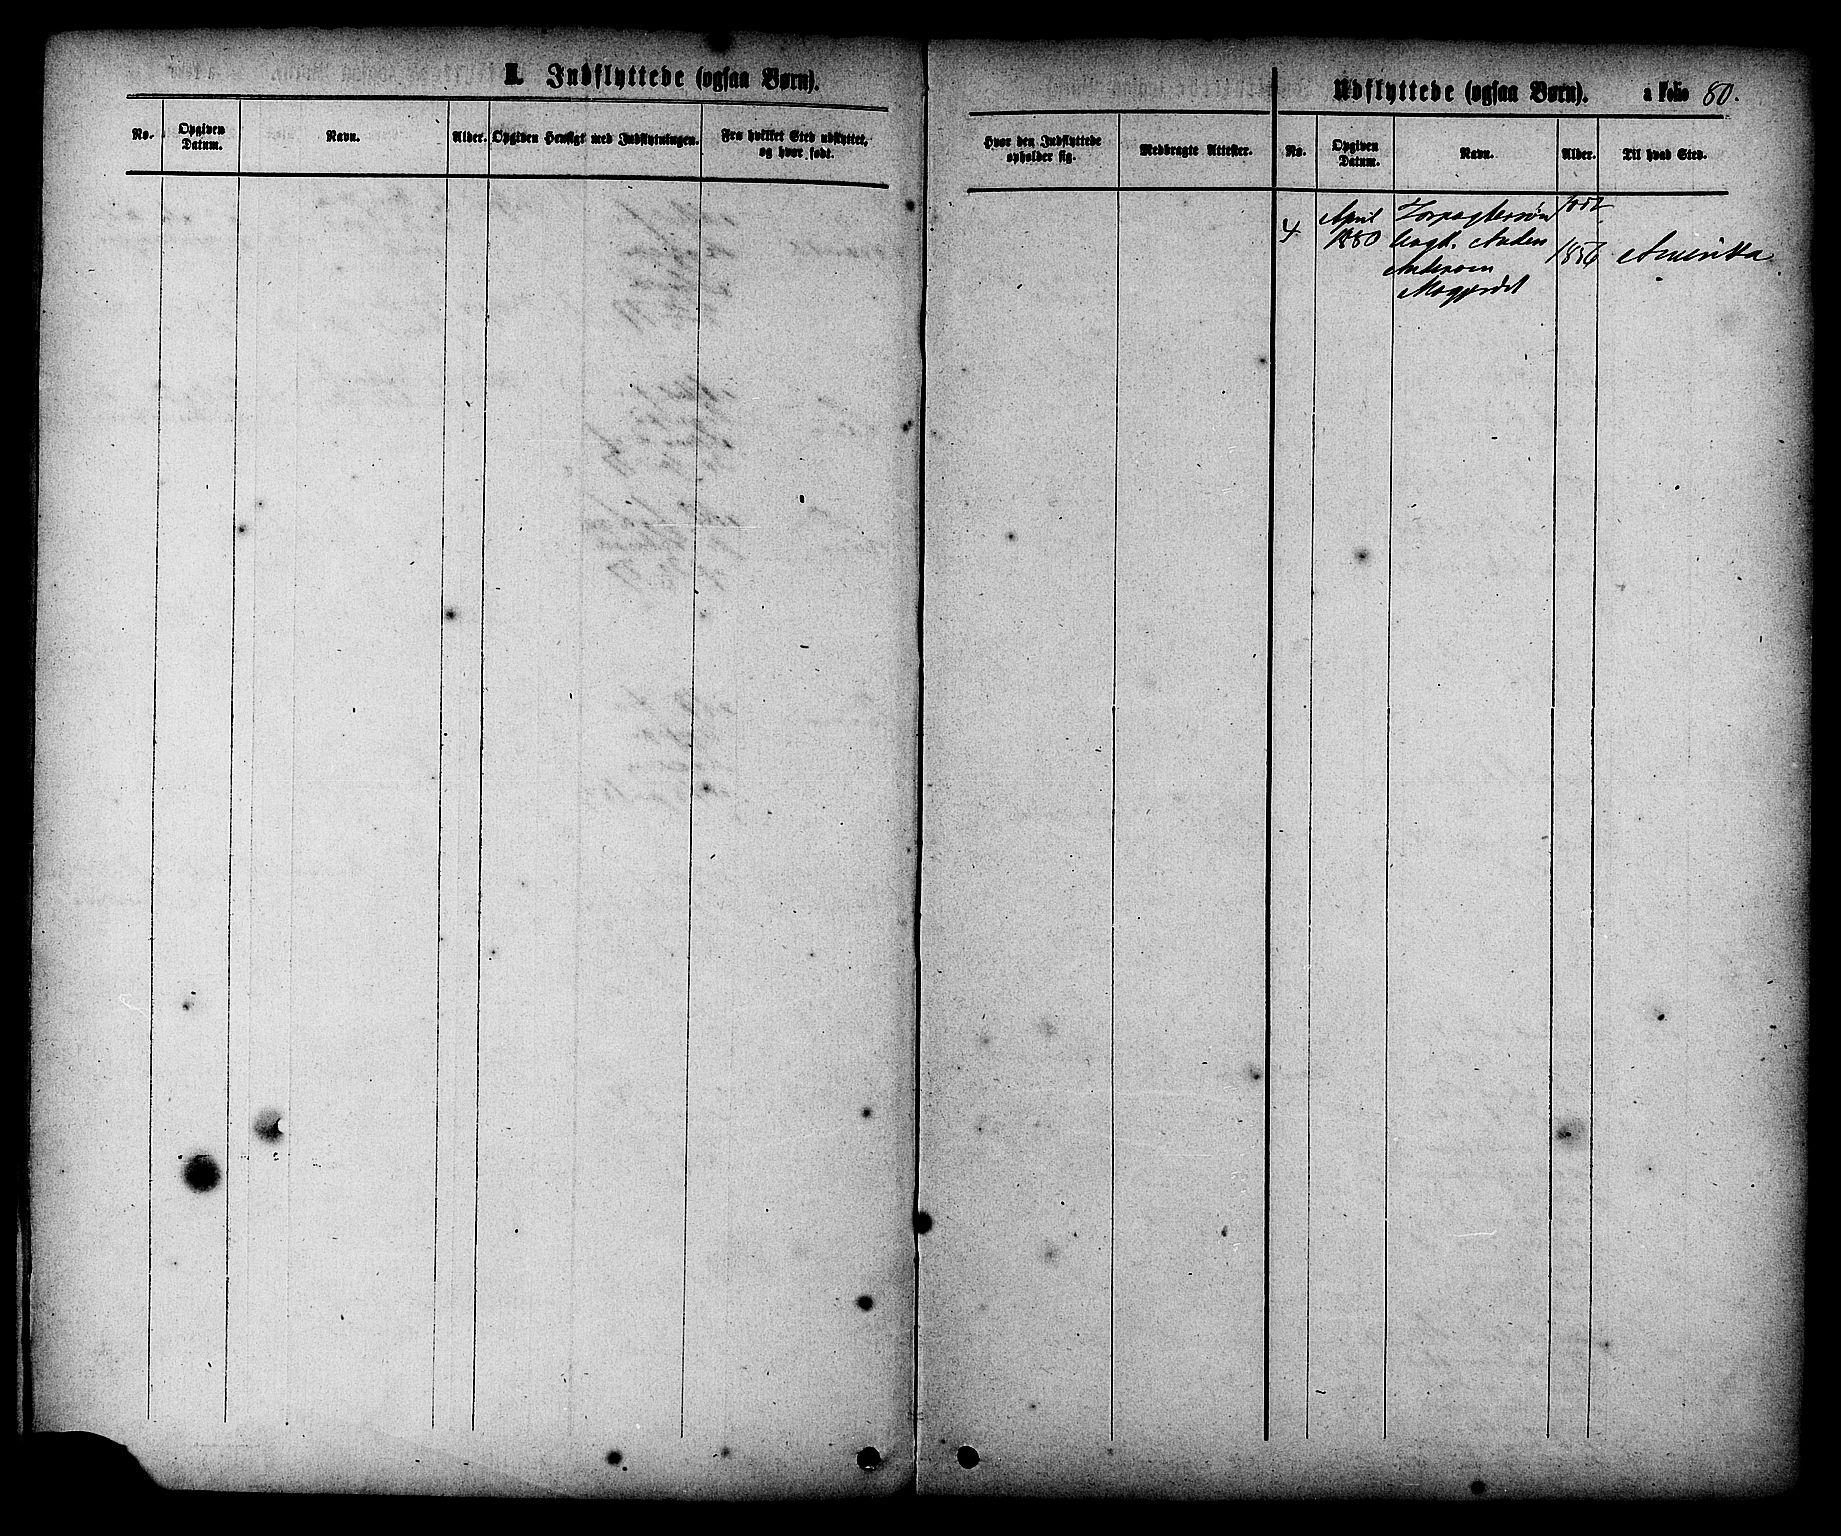 SAT, Ministerialprotokoller, klokkerbøker og fødselsregistre - Sør-Trøndelag, 608/L0334: Ministerialbok nr. 608A03, 1877-1886, s. 80